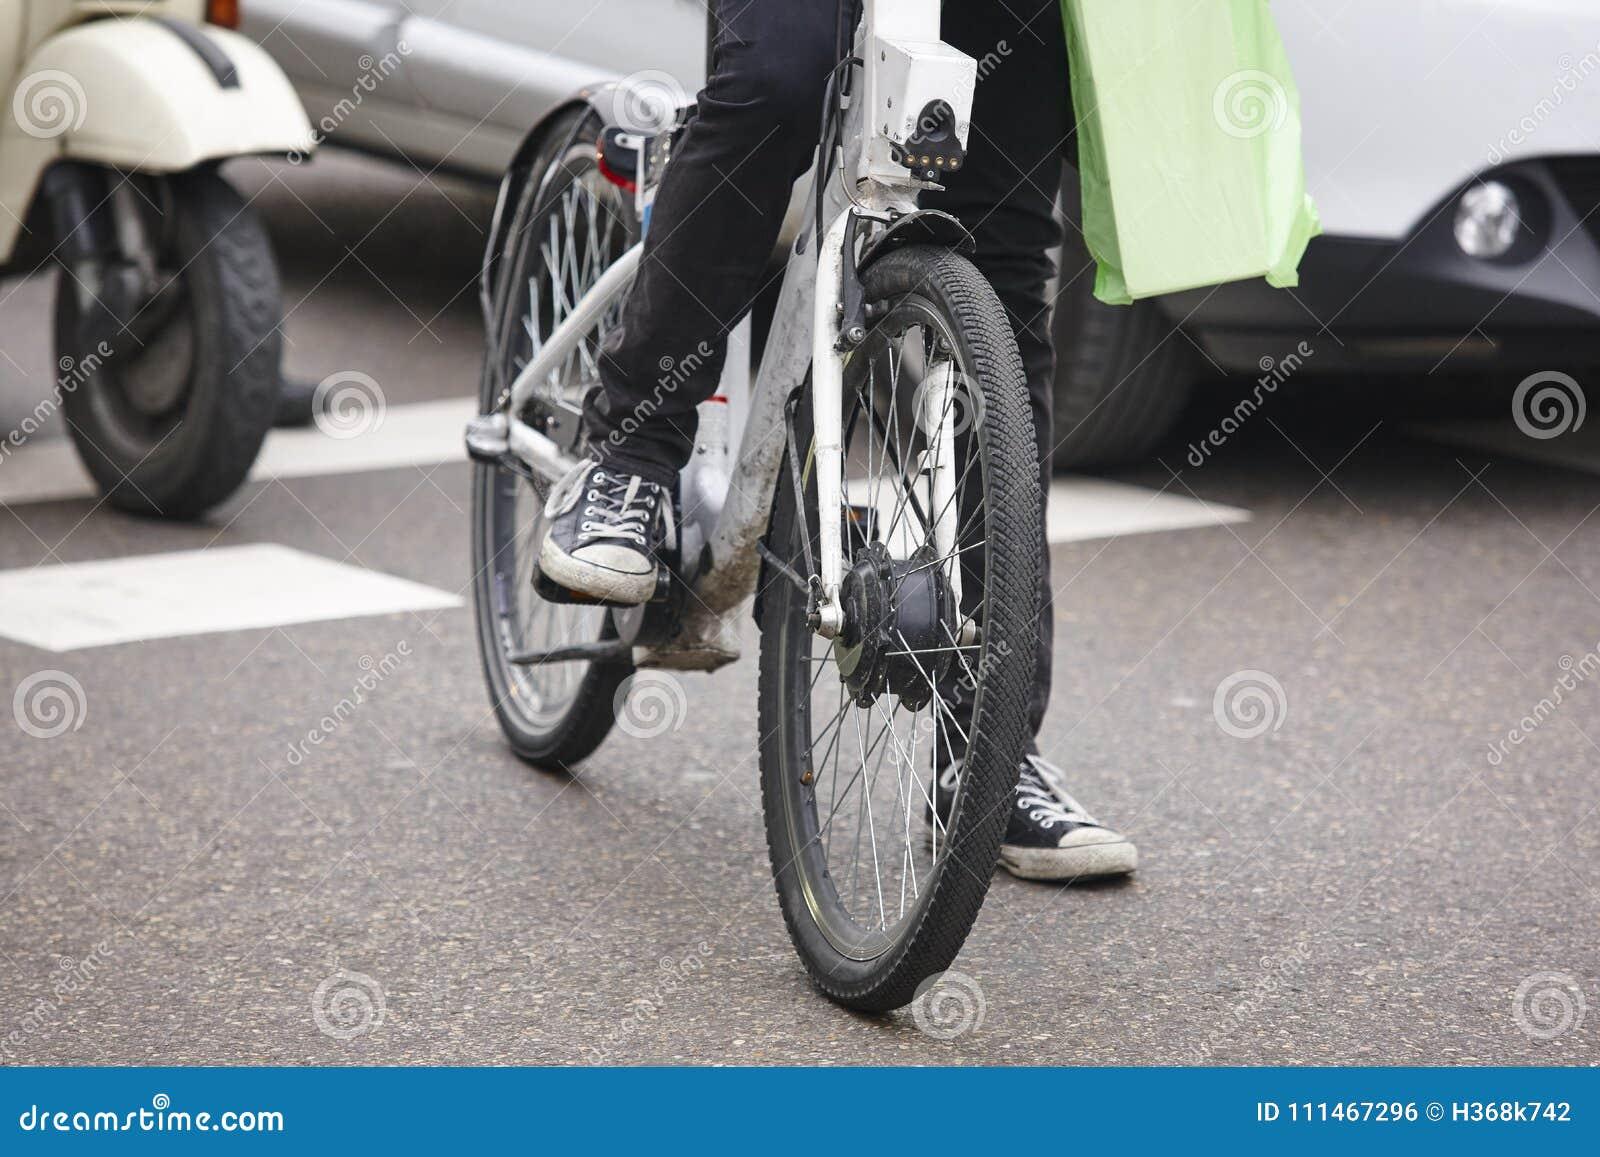 Велосипед в городе движение урбанское Здоровая деятельность отсутствие загрязнения